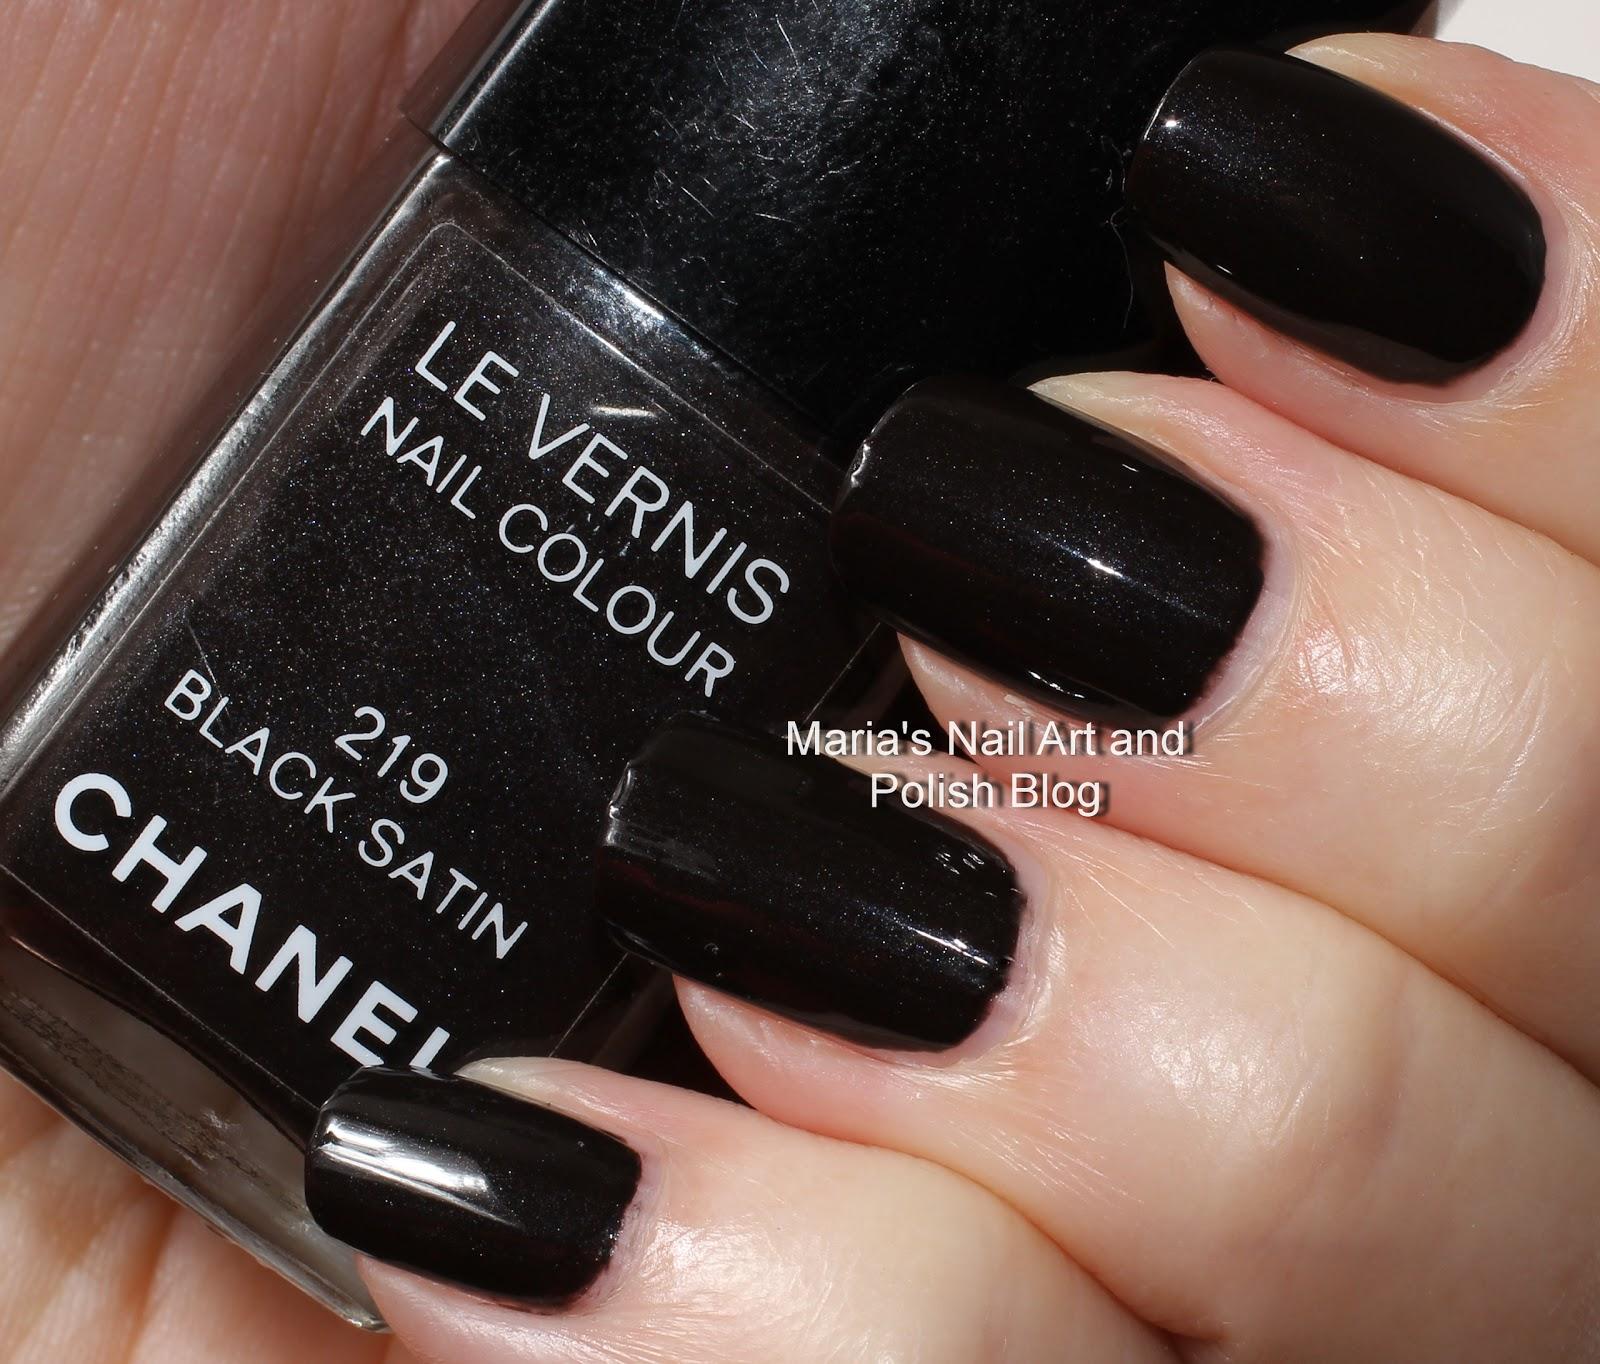 Marias Nail Art And Polish Blog: Chanel Black Satin 219 US